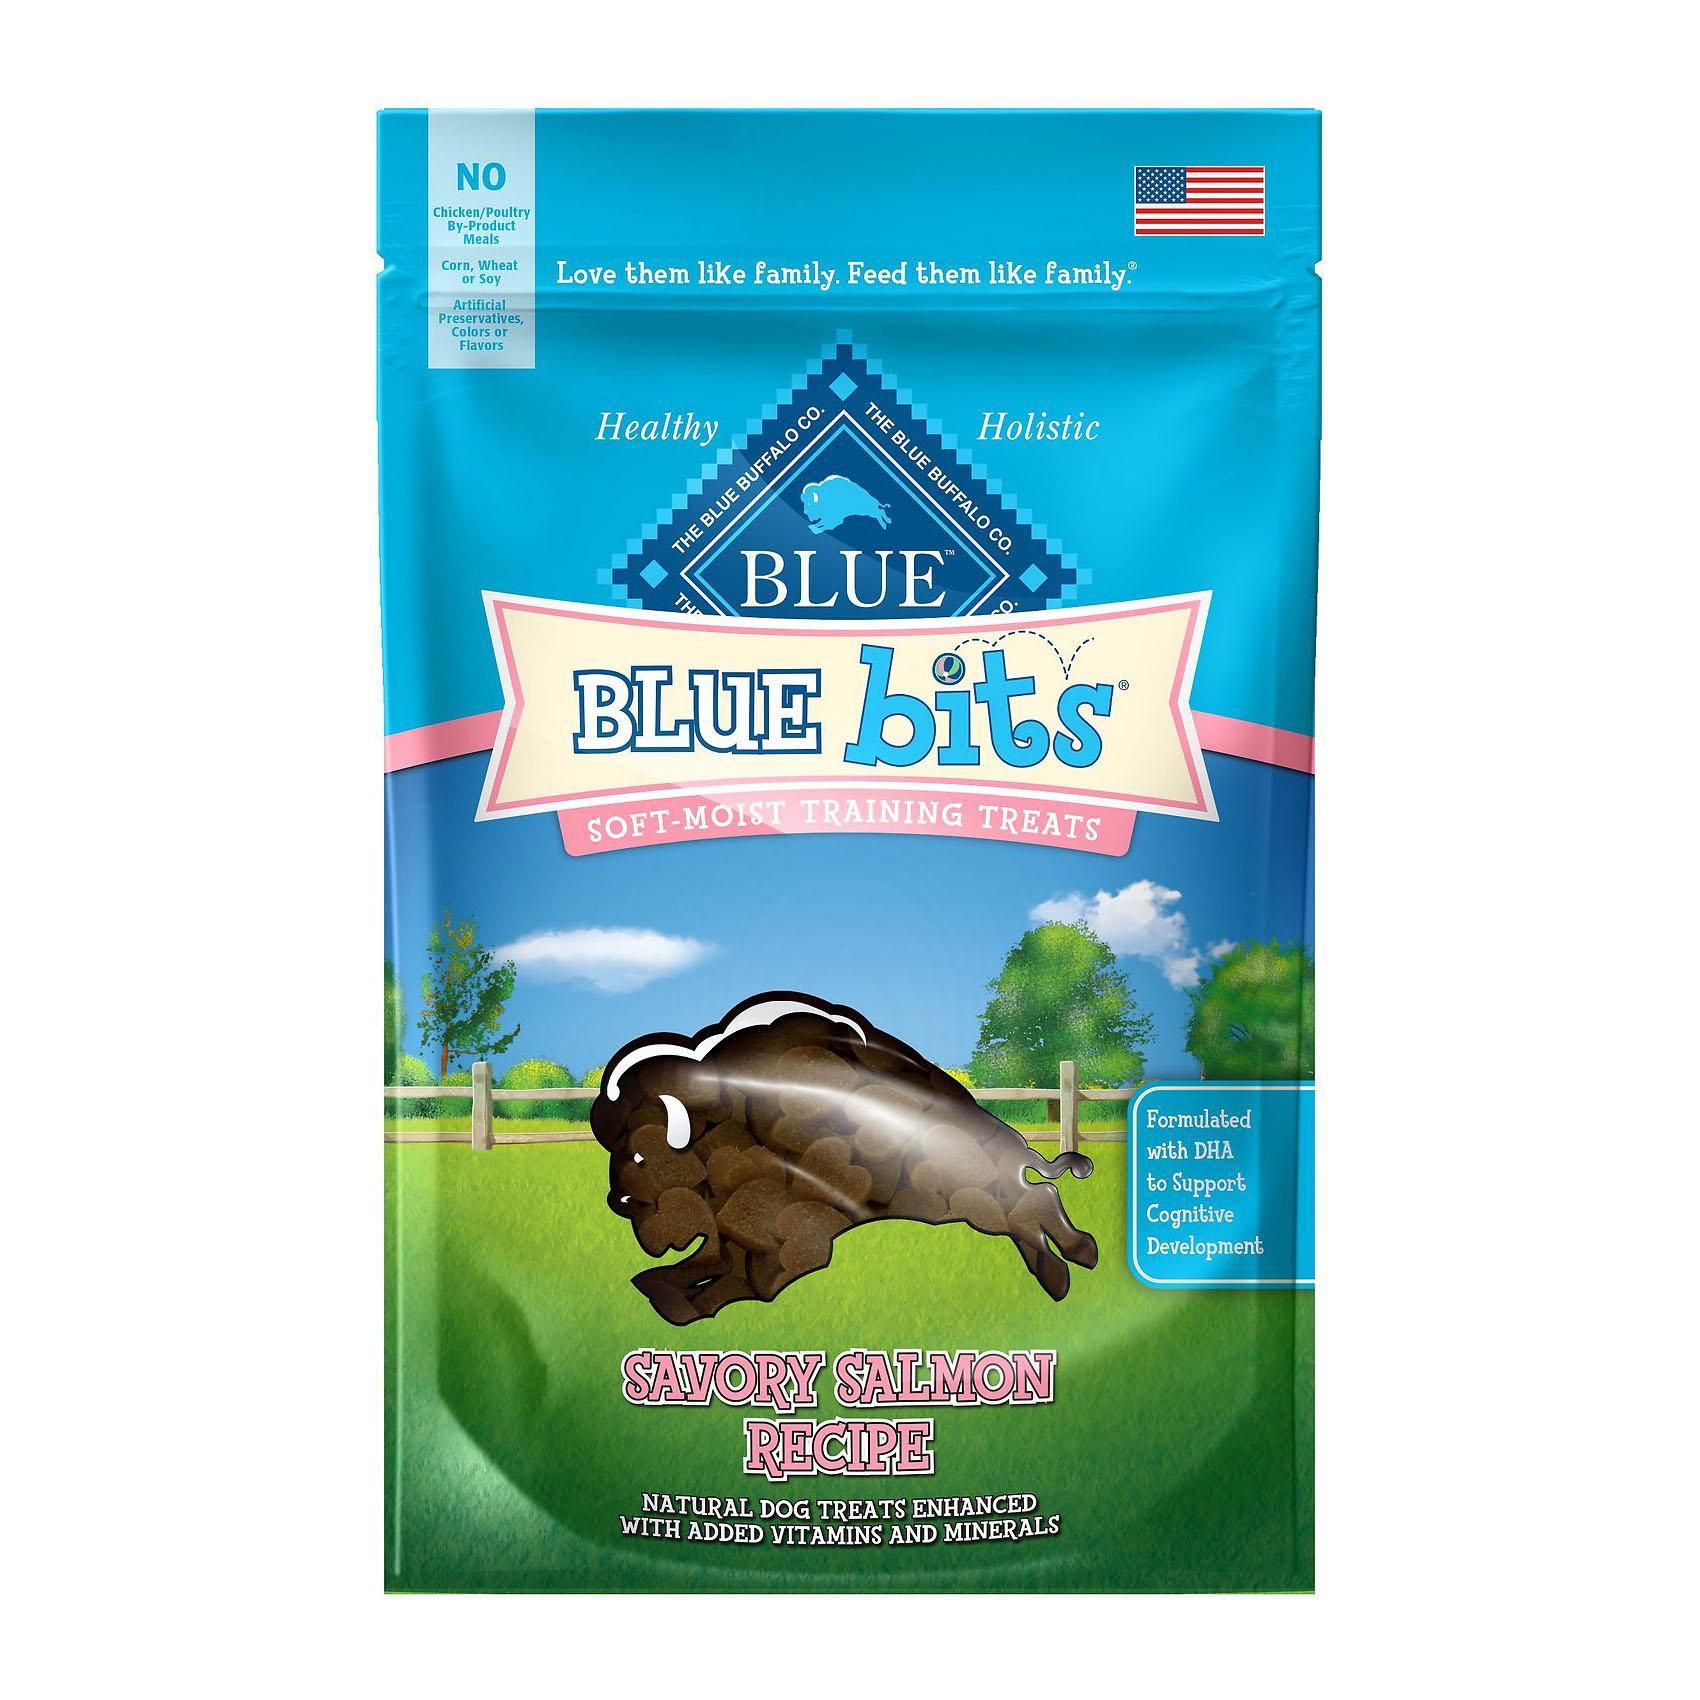 Blue Buffalo Bits Soft-Moist Dog Training Treats - Savory Salmon